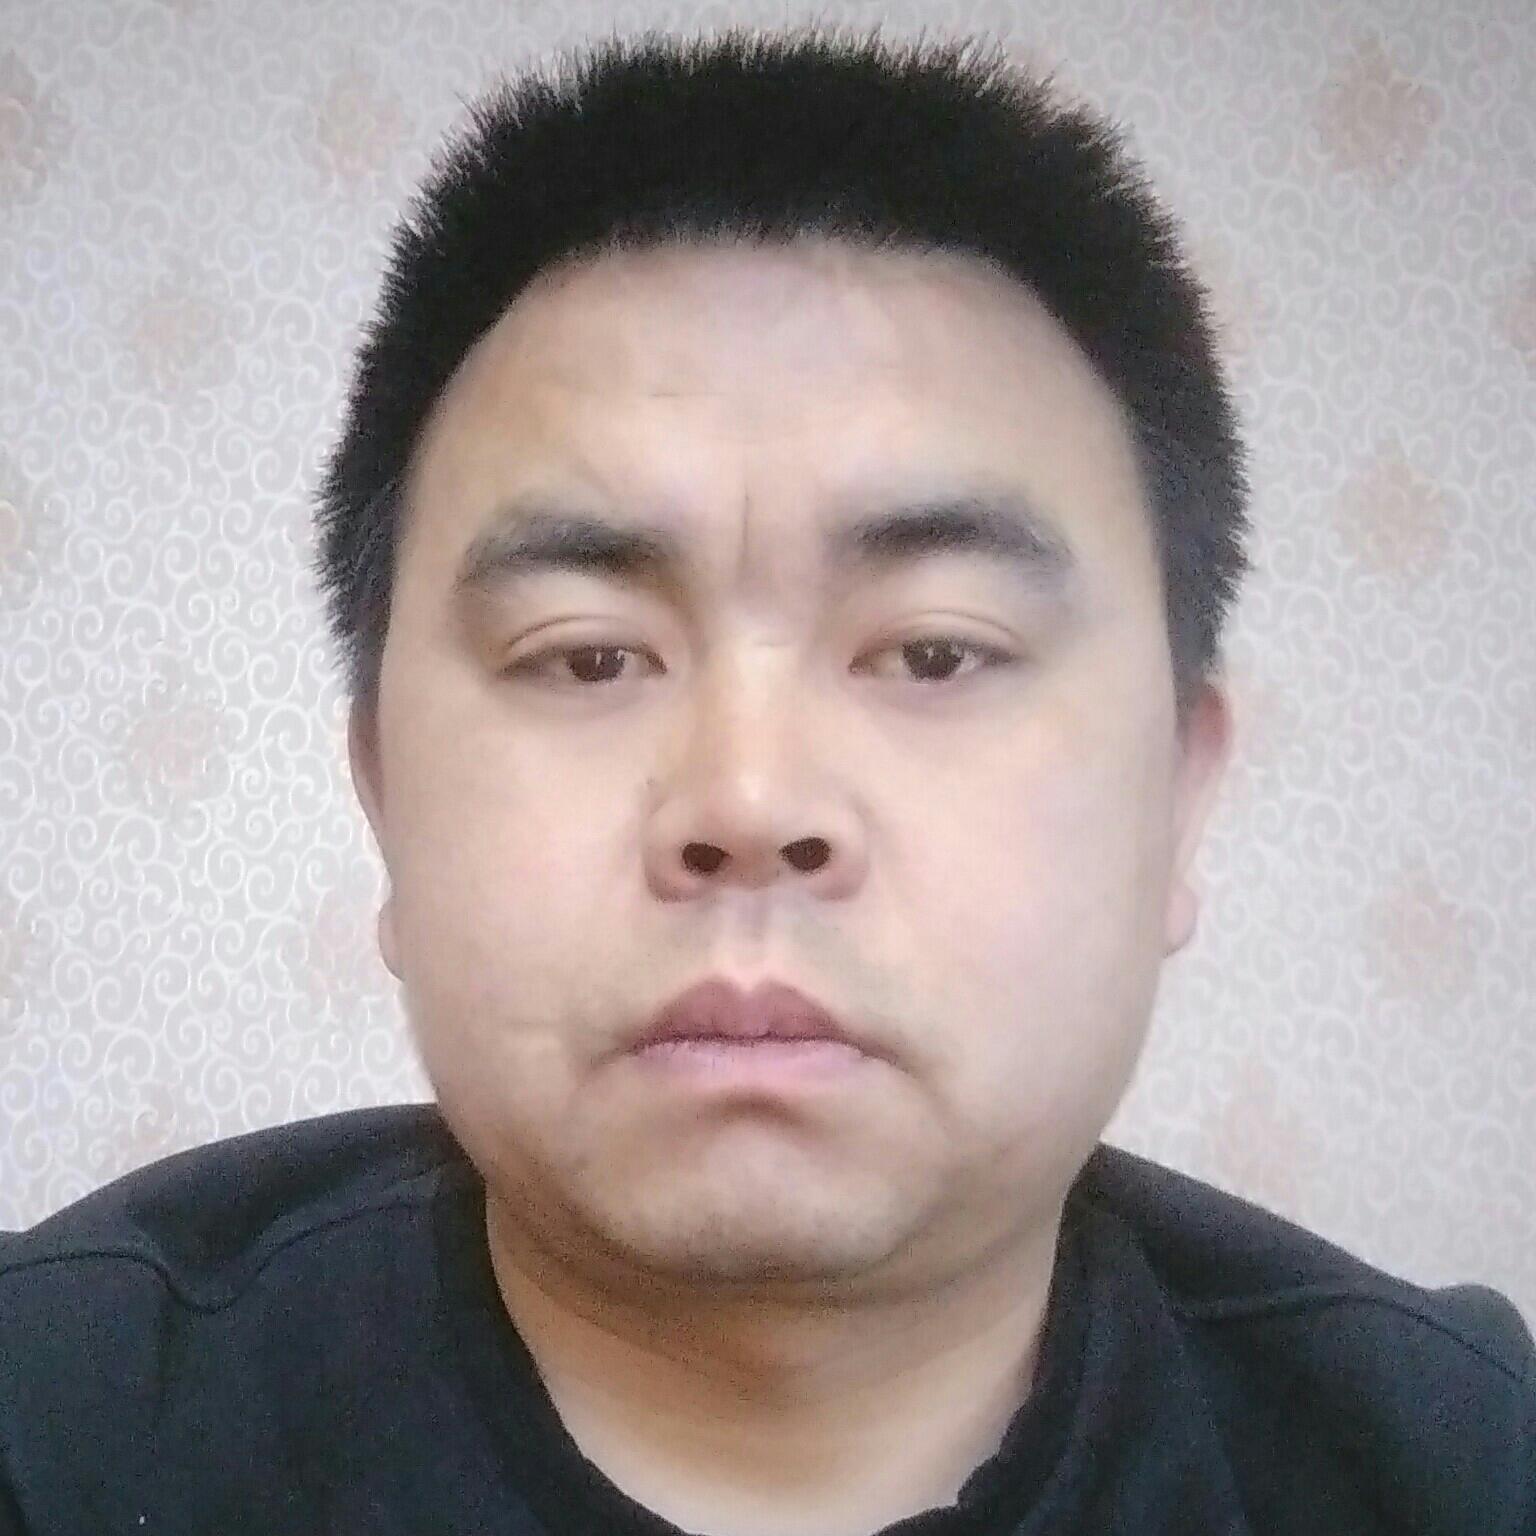 云南星长征投资开发控股集团有限公司总监程寿才照片